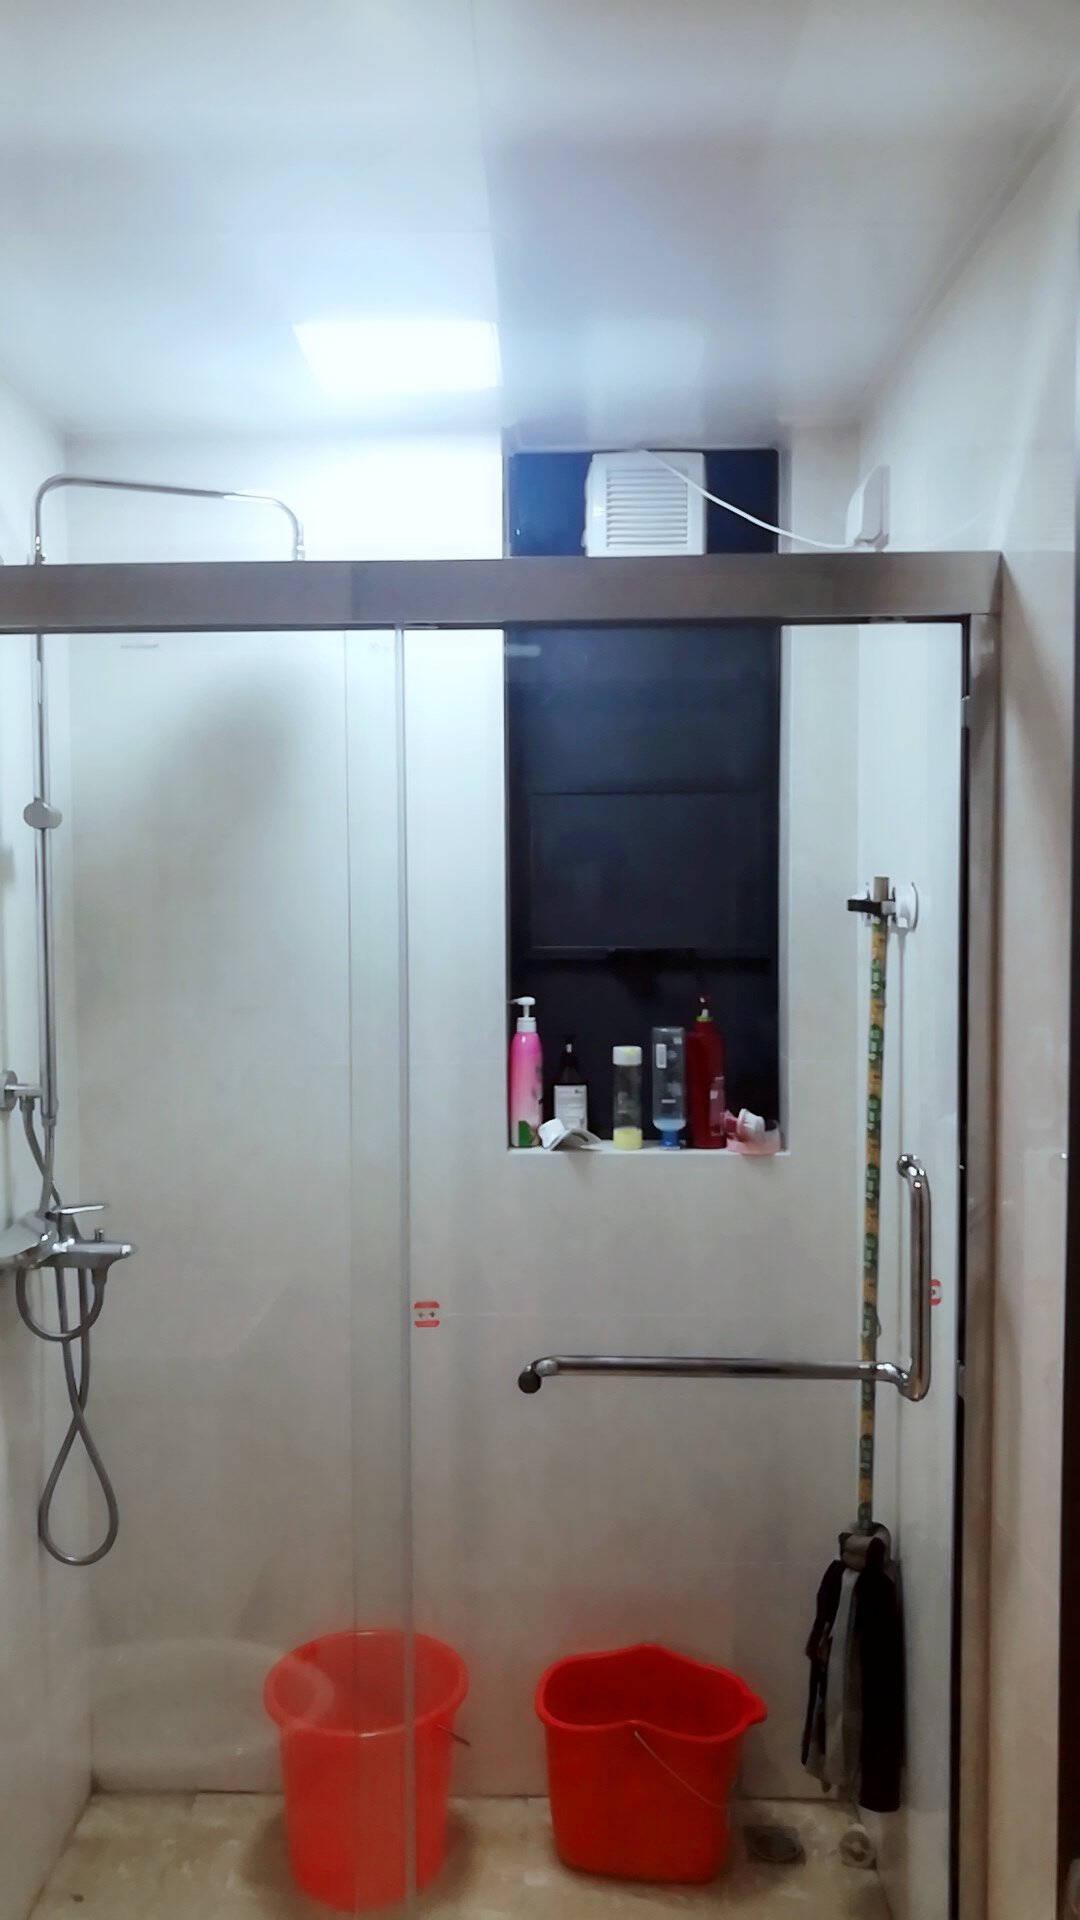 莱博顿定制不锈钢淋浴房浴室隔断浴屏洗澡间一字形浴室钢化玻璃门卫生间推拉移门整体沐浴房带防爆膜双门移动(304不锈钢边框+防爆膜)/平方价